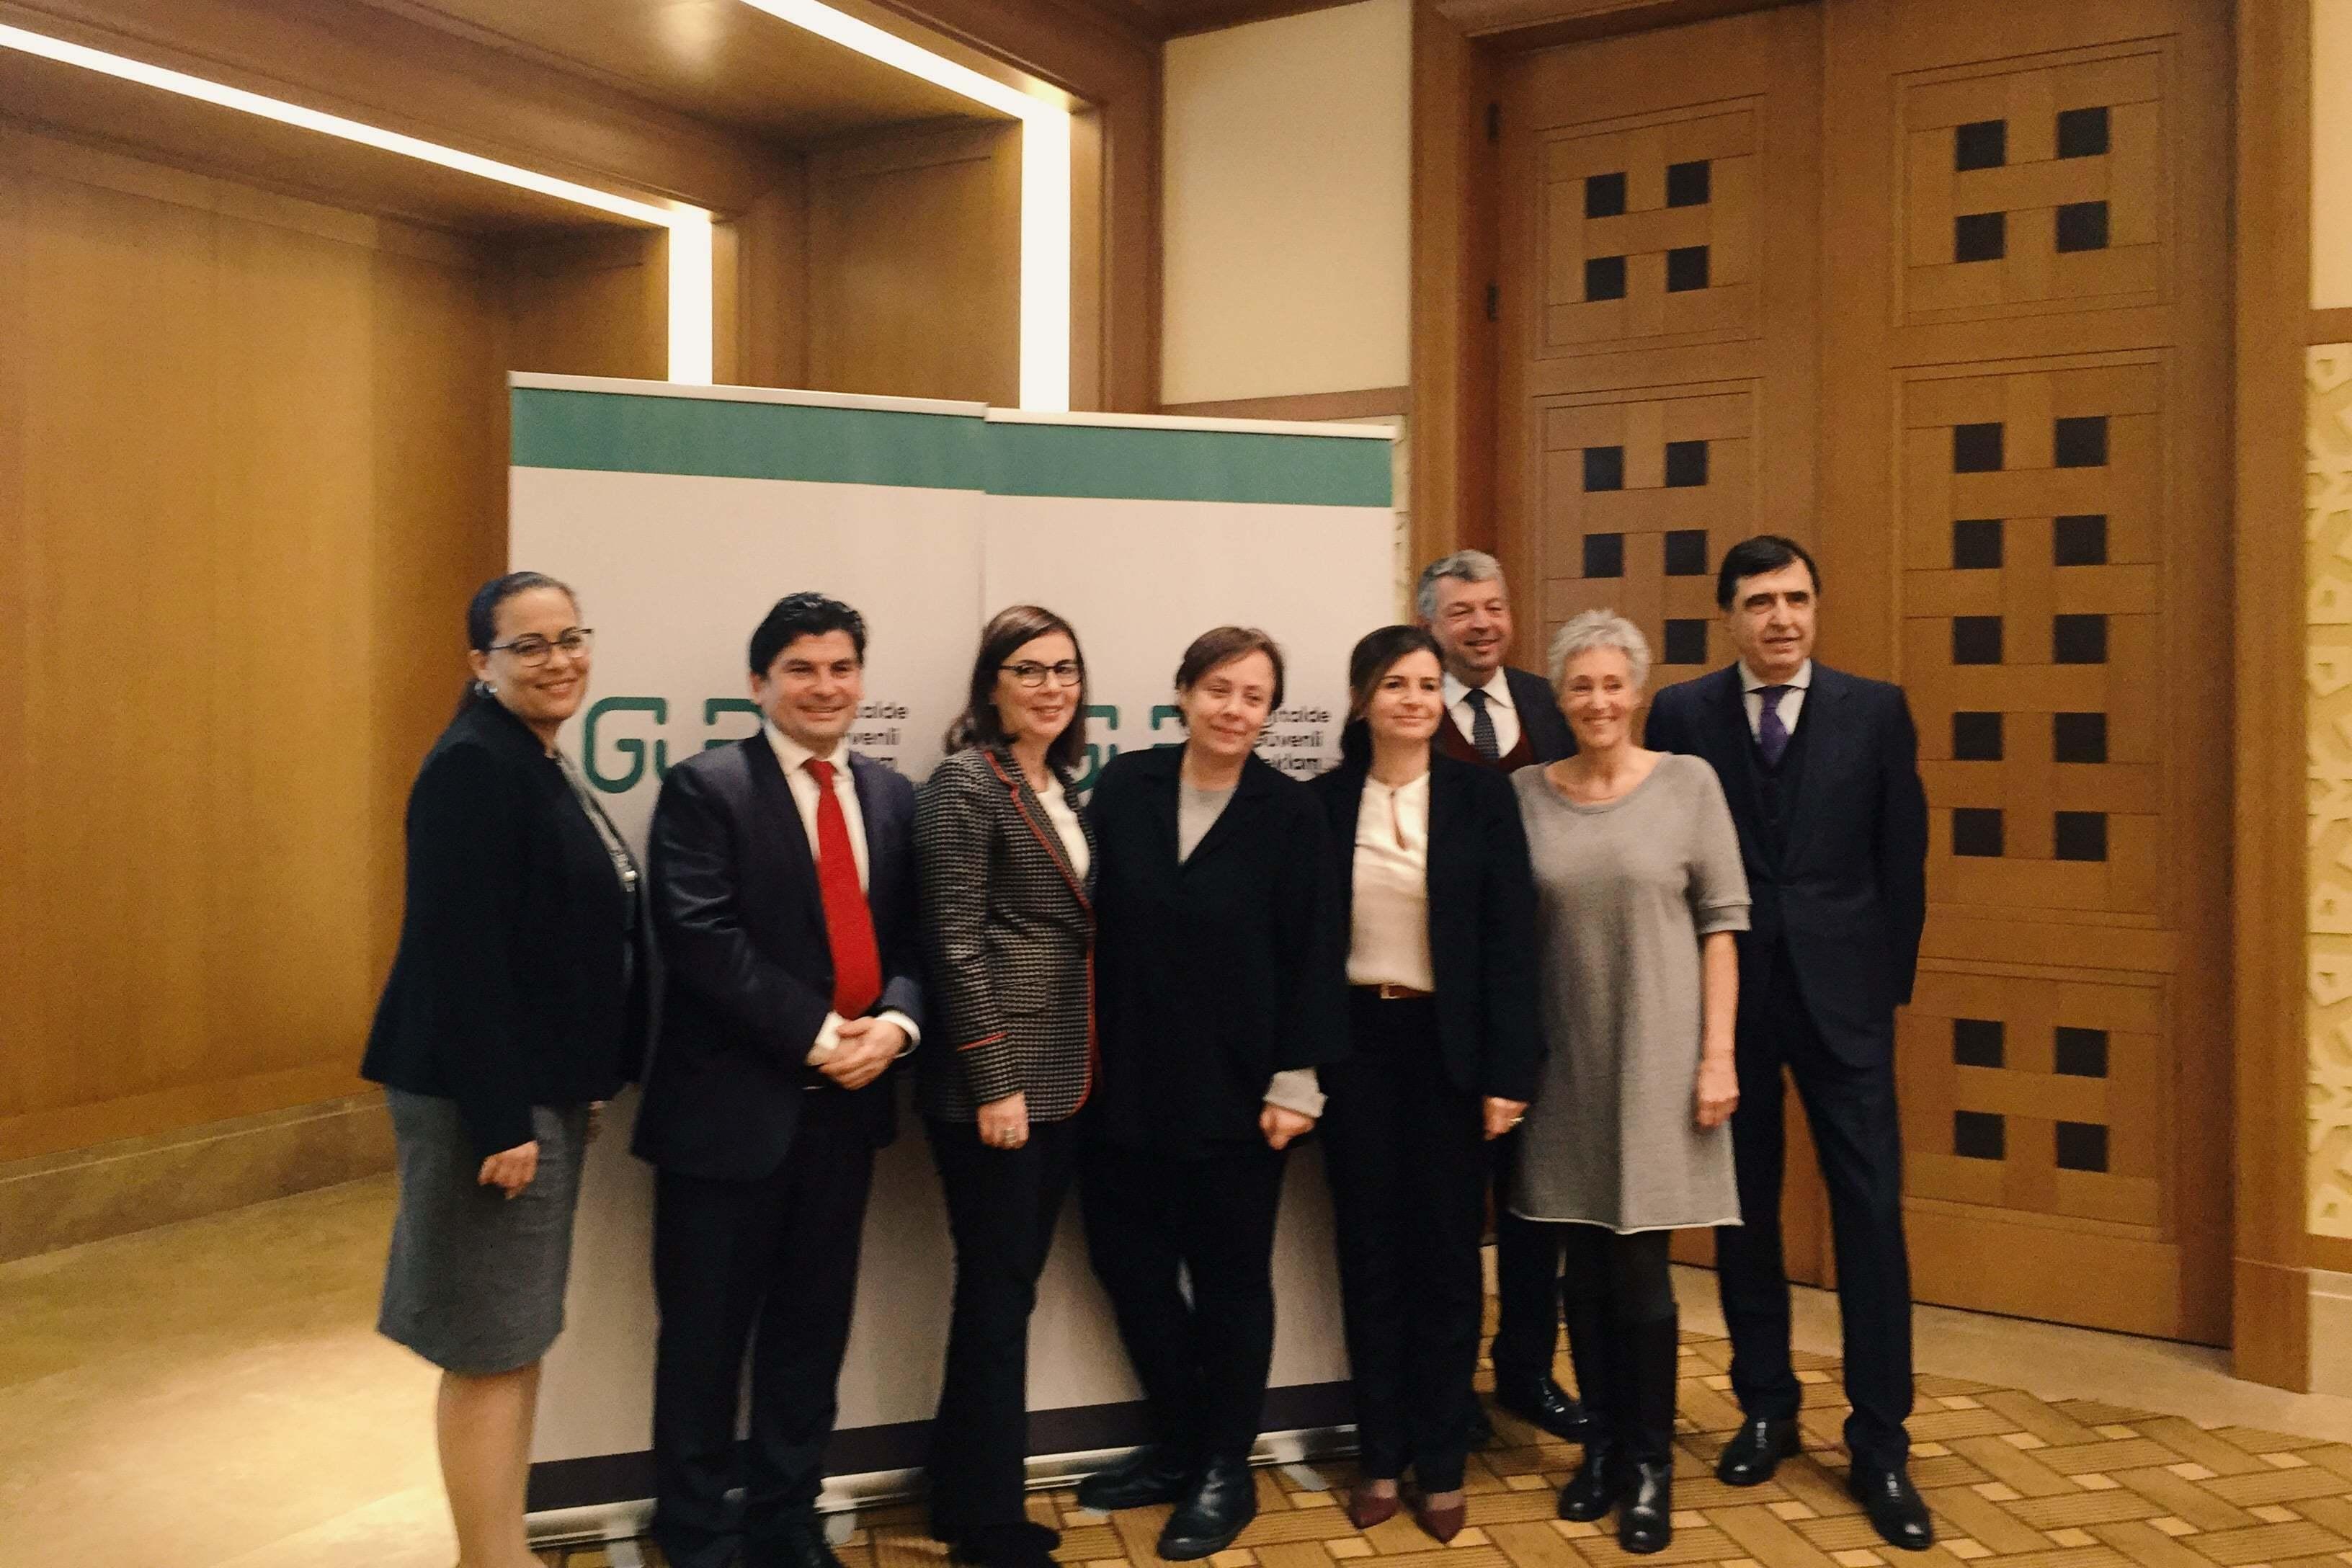 GÜR Reklamcılar Dernegi Reklamverenler Dernegi Güvenli Reklam Platformu IABTürkiye Türkiye bigumigu 2